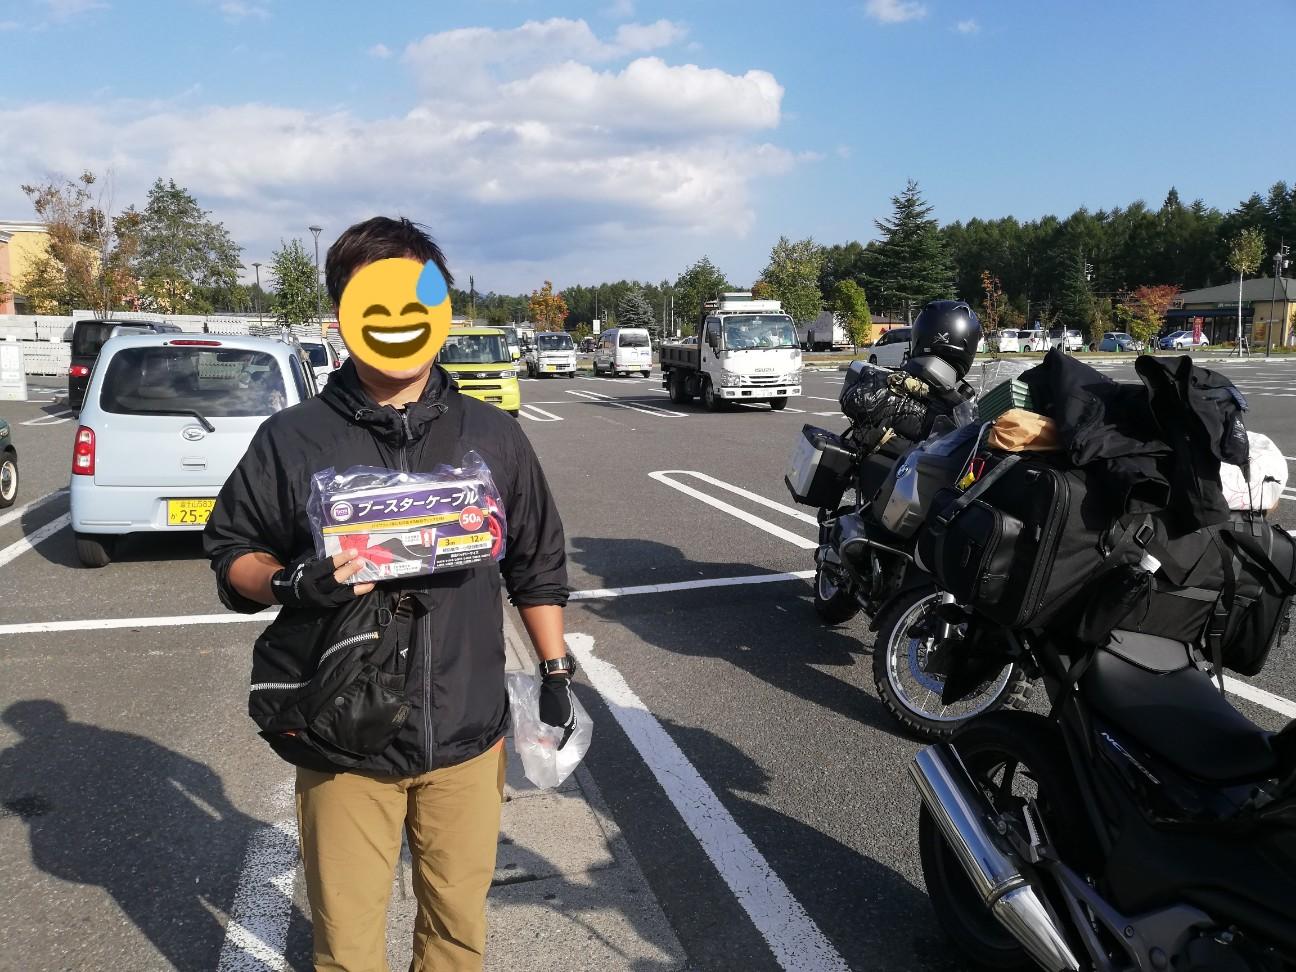 f:id:bikedane:20191003113947j:image